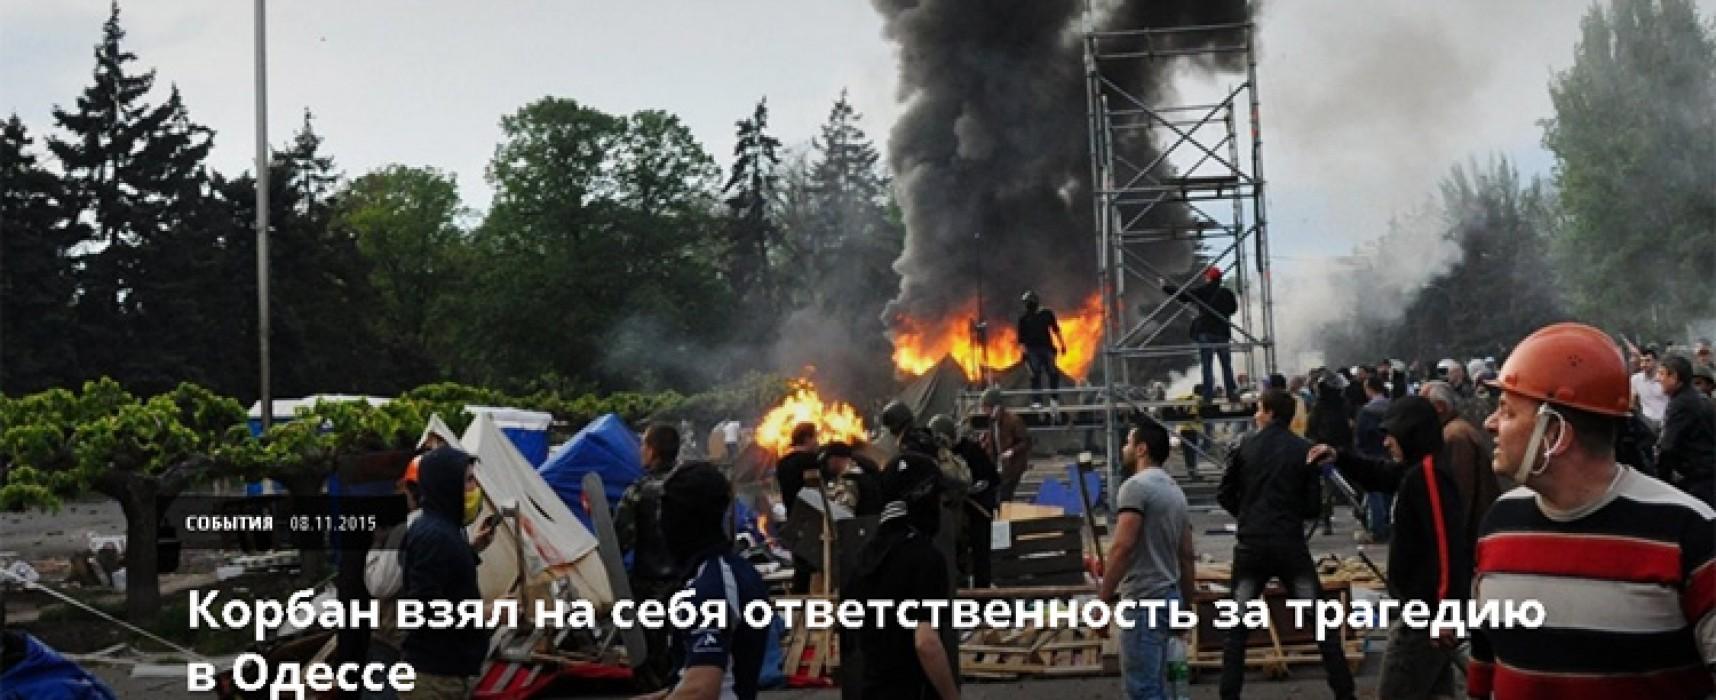 Фейк: Найдены виновные в трагедии 2-го мая 2014-го в Одессе